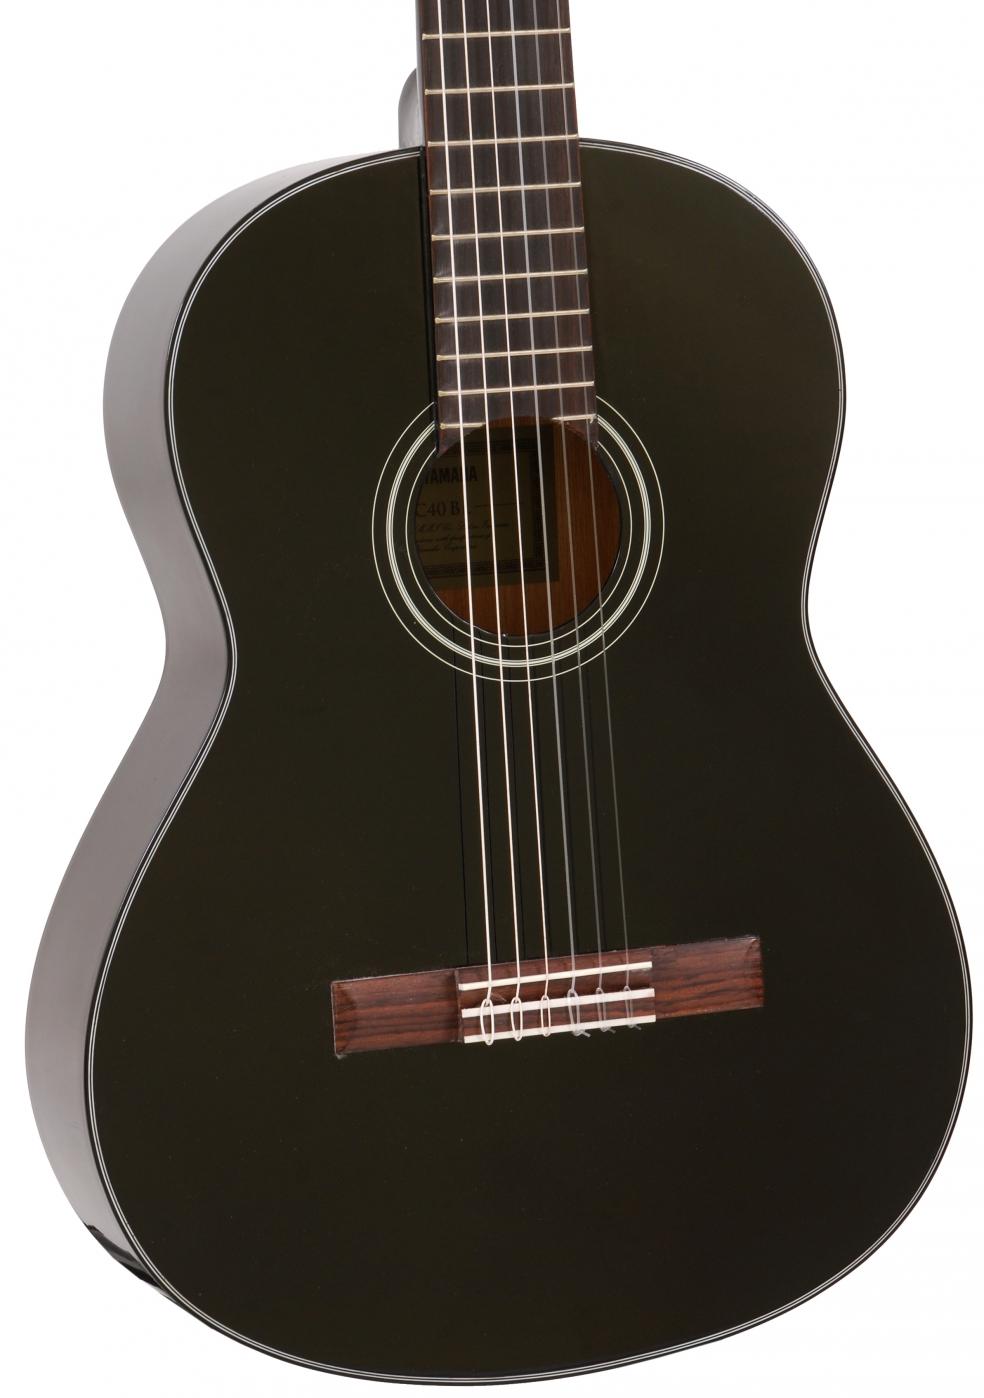 Yamaha C Classical Guitar